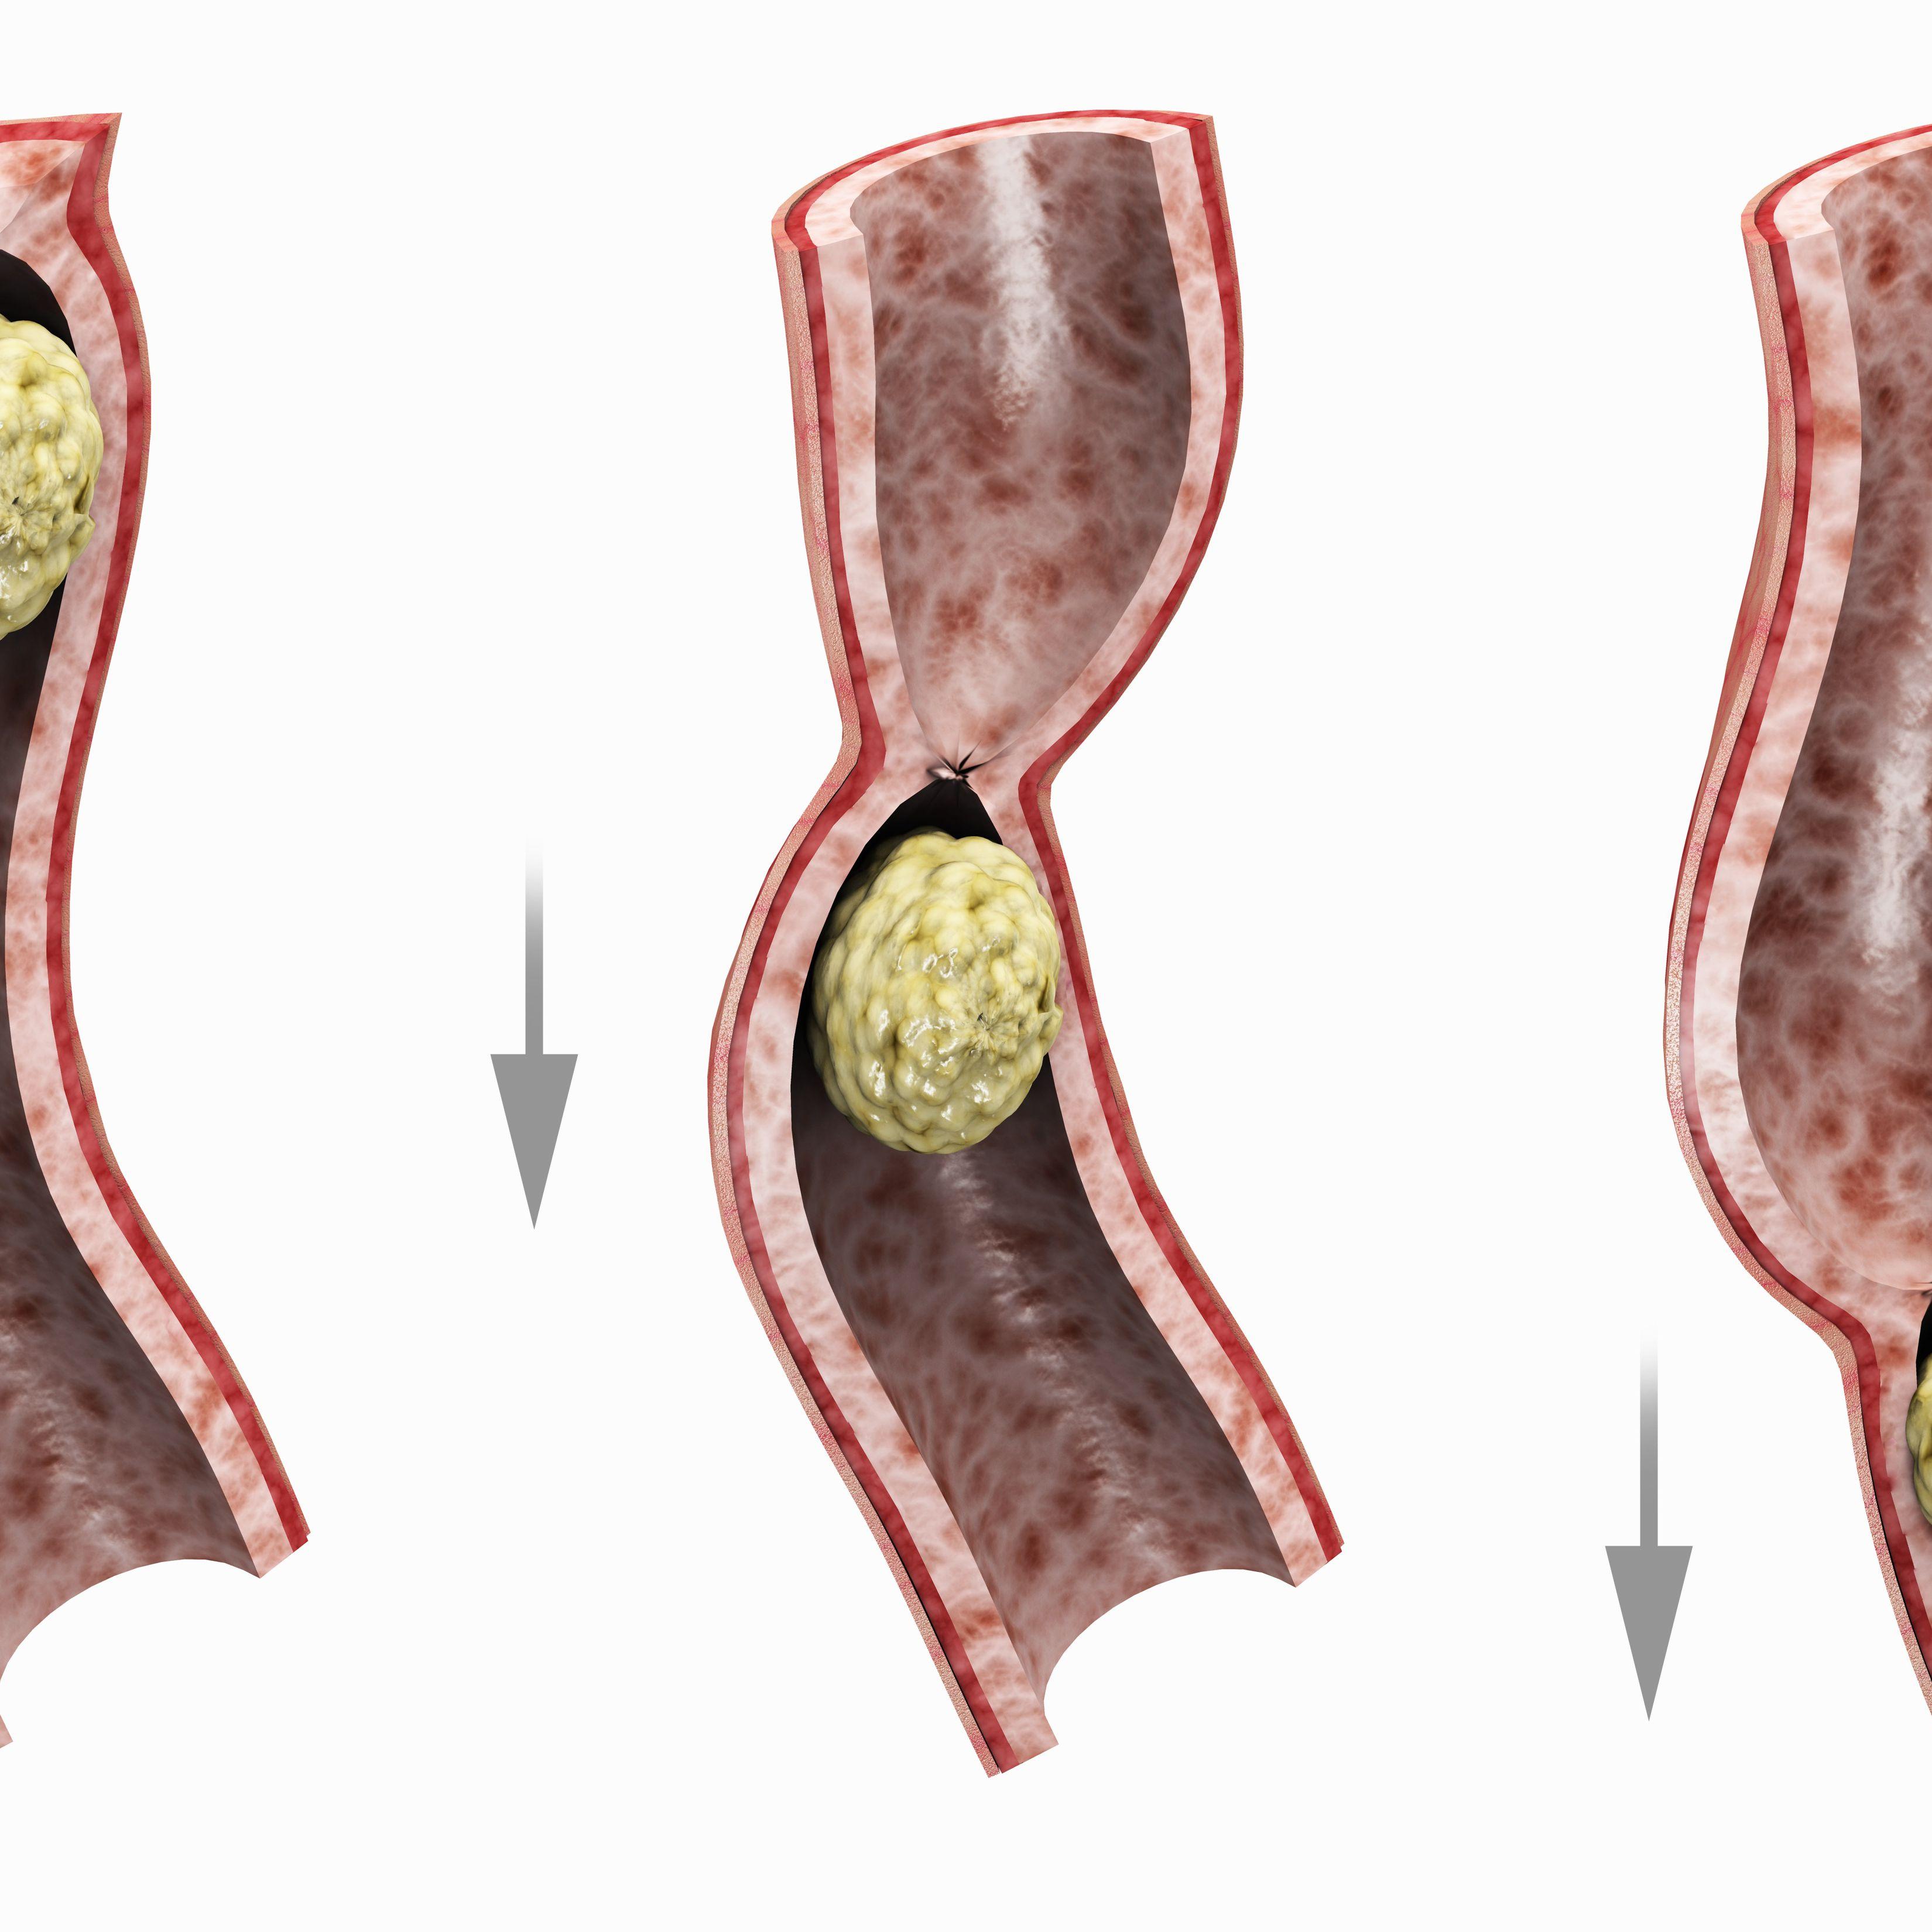 ulcerative inflammatory bowel disease shut bowel